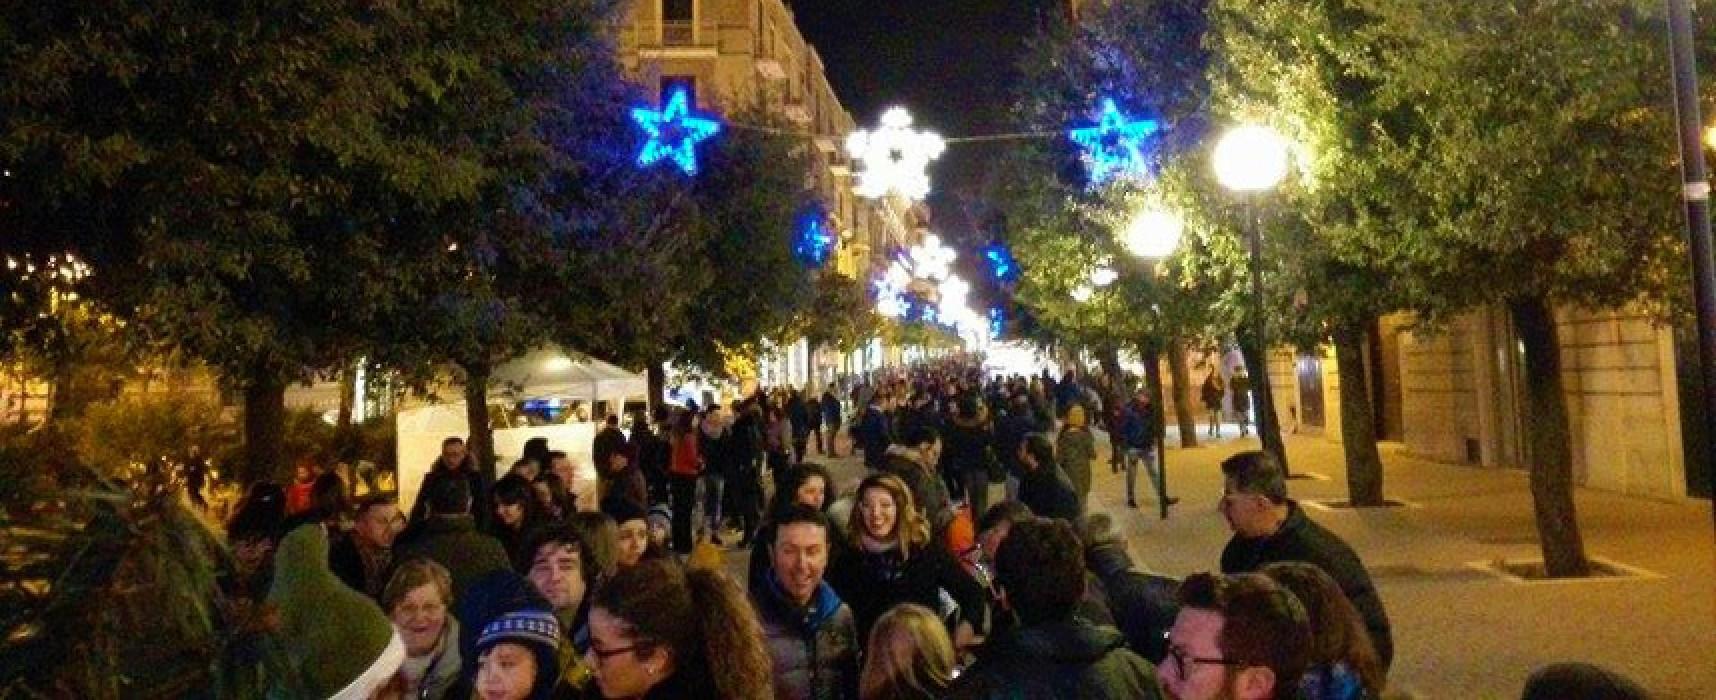 Il PROGRAMMA completo degli eventi natalizi in centro a cura di Confcommercio